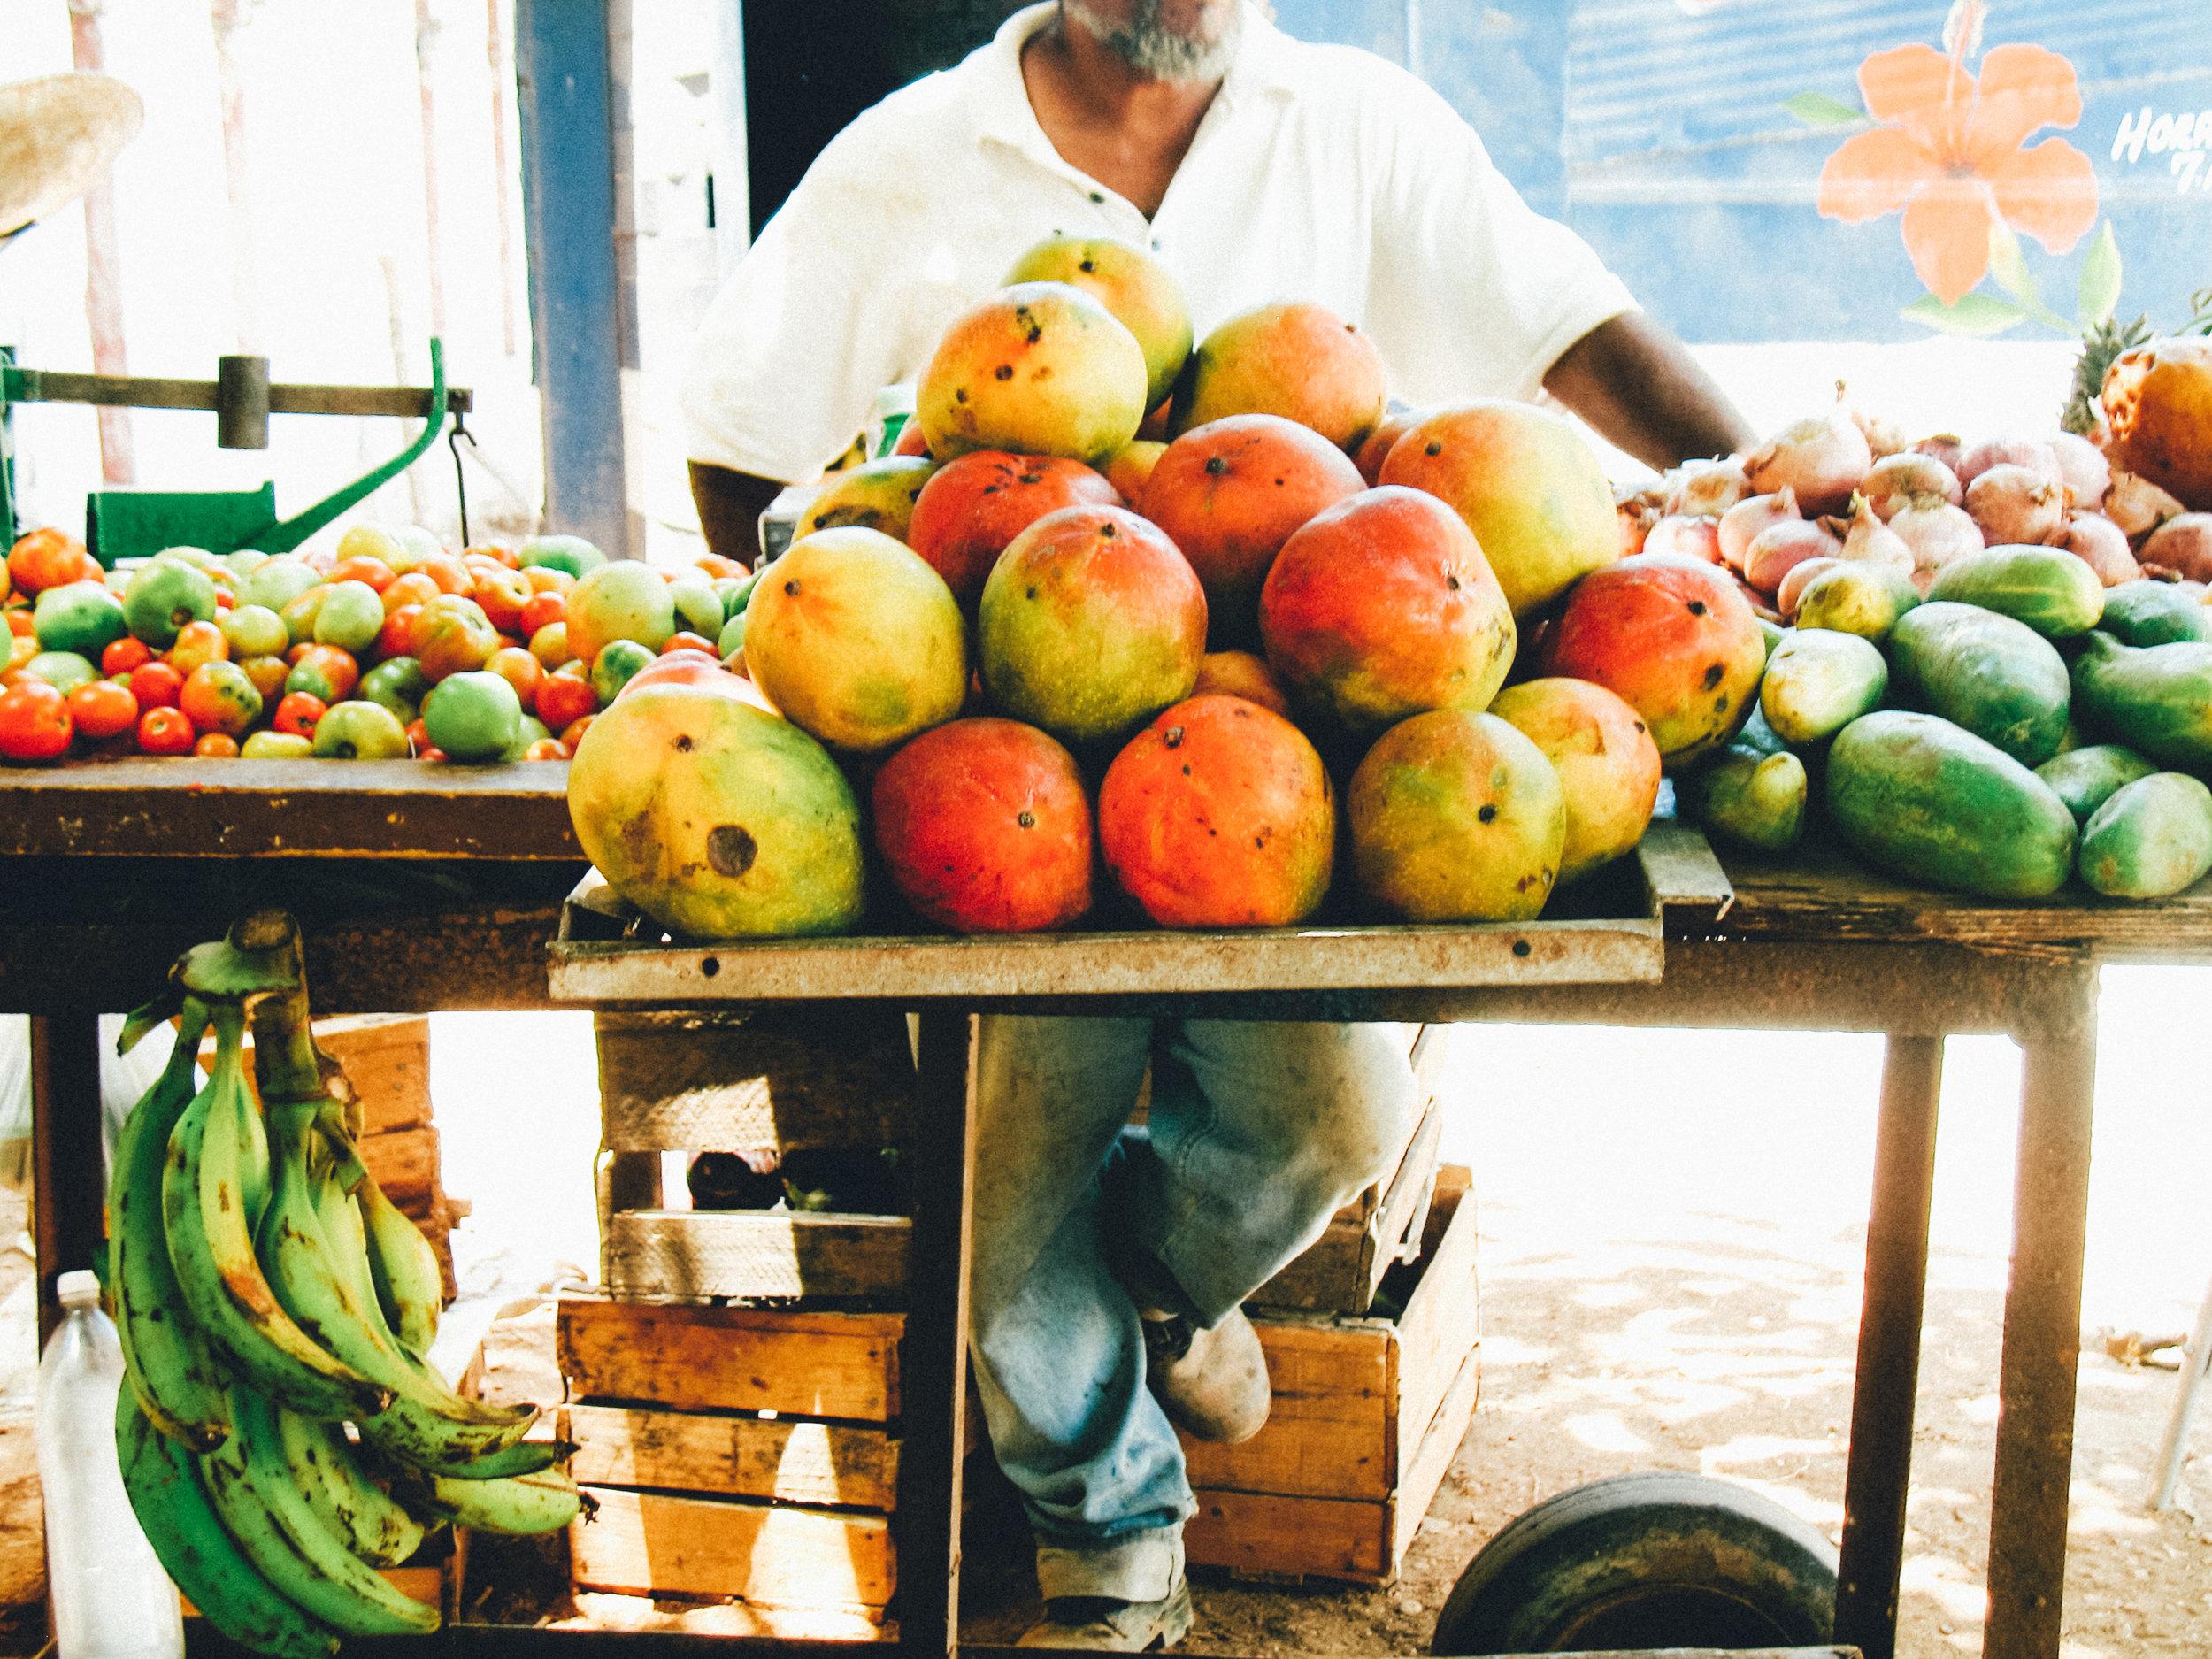 PhotoByAlexander_(1)_Cuba.jpg